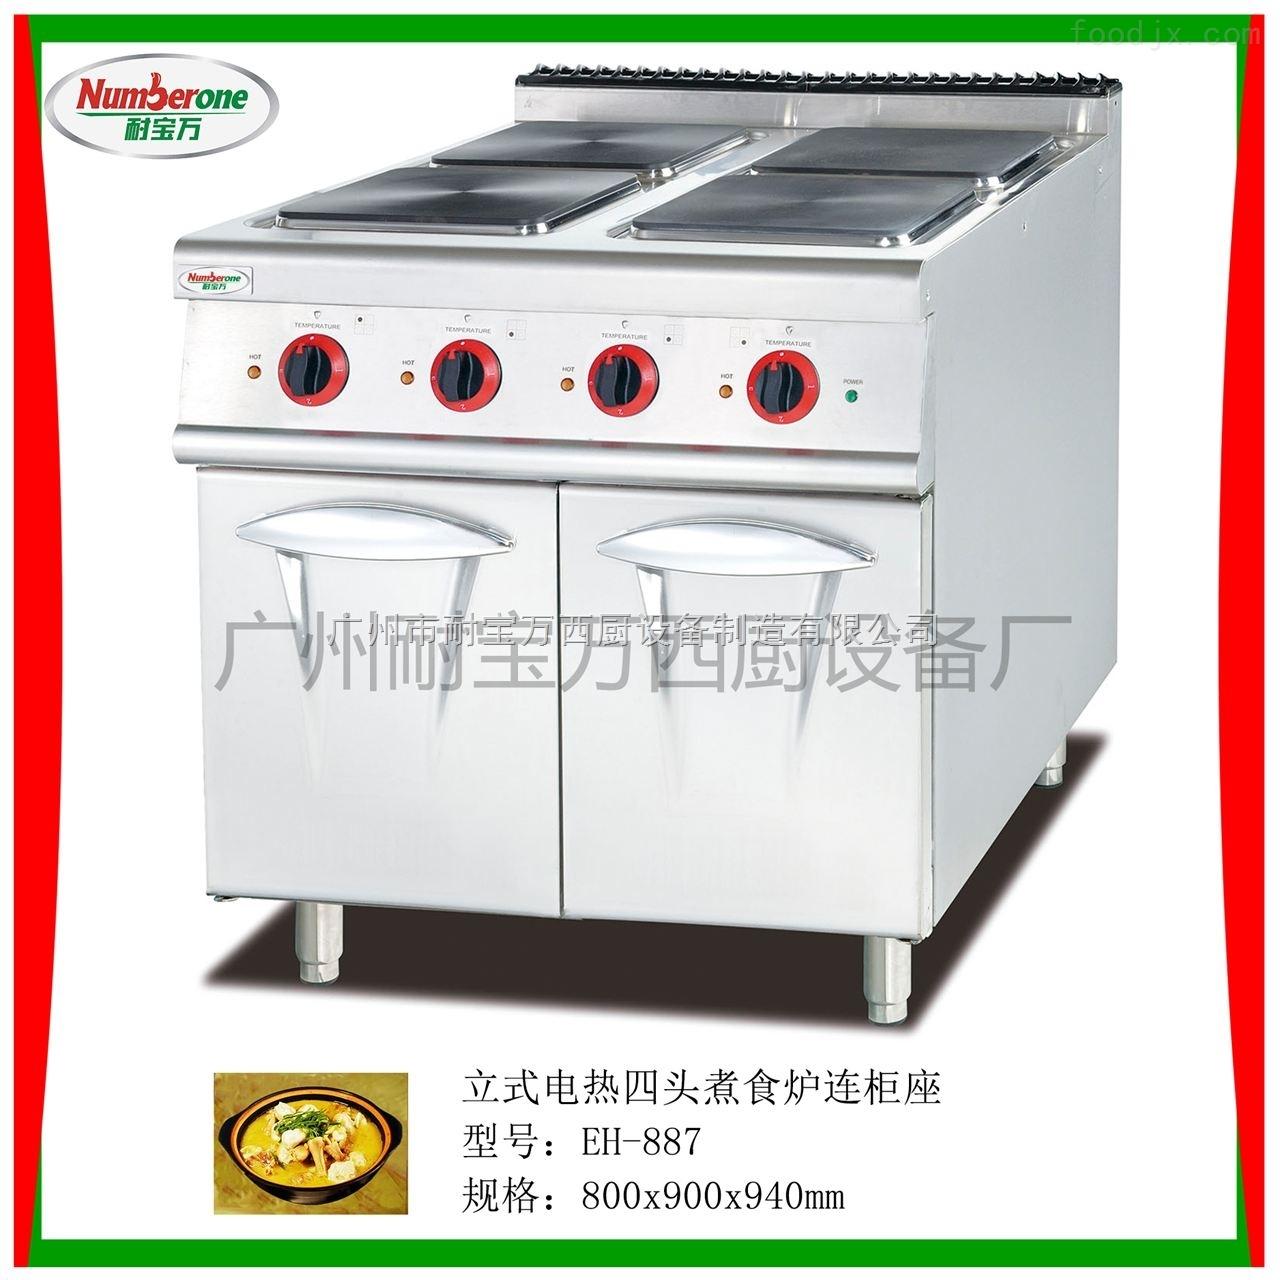 立式电热四头煮食炉连柜座